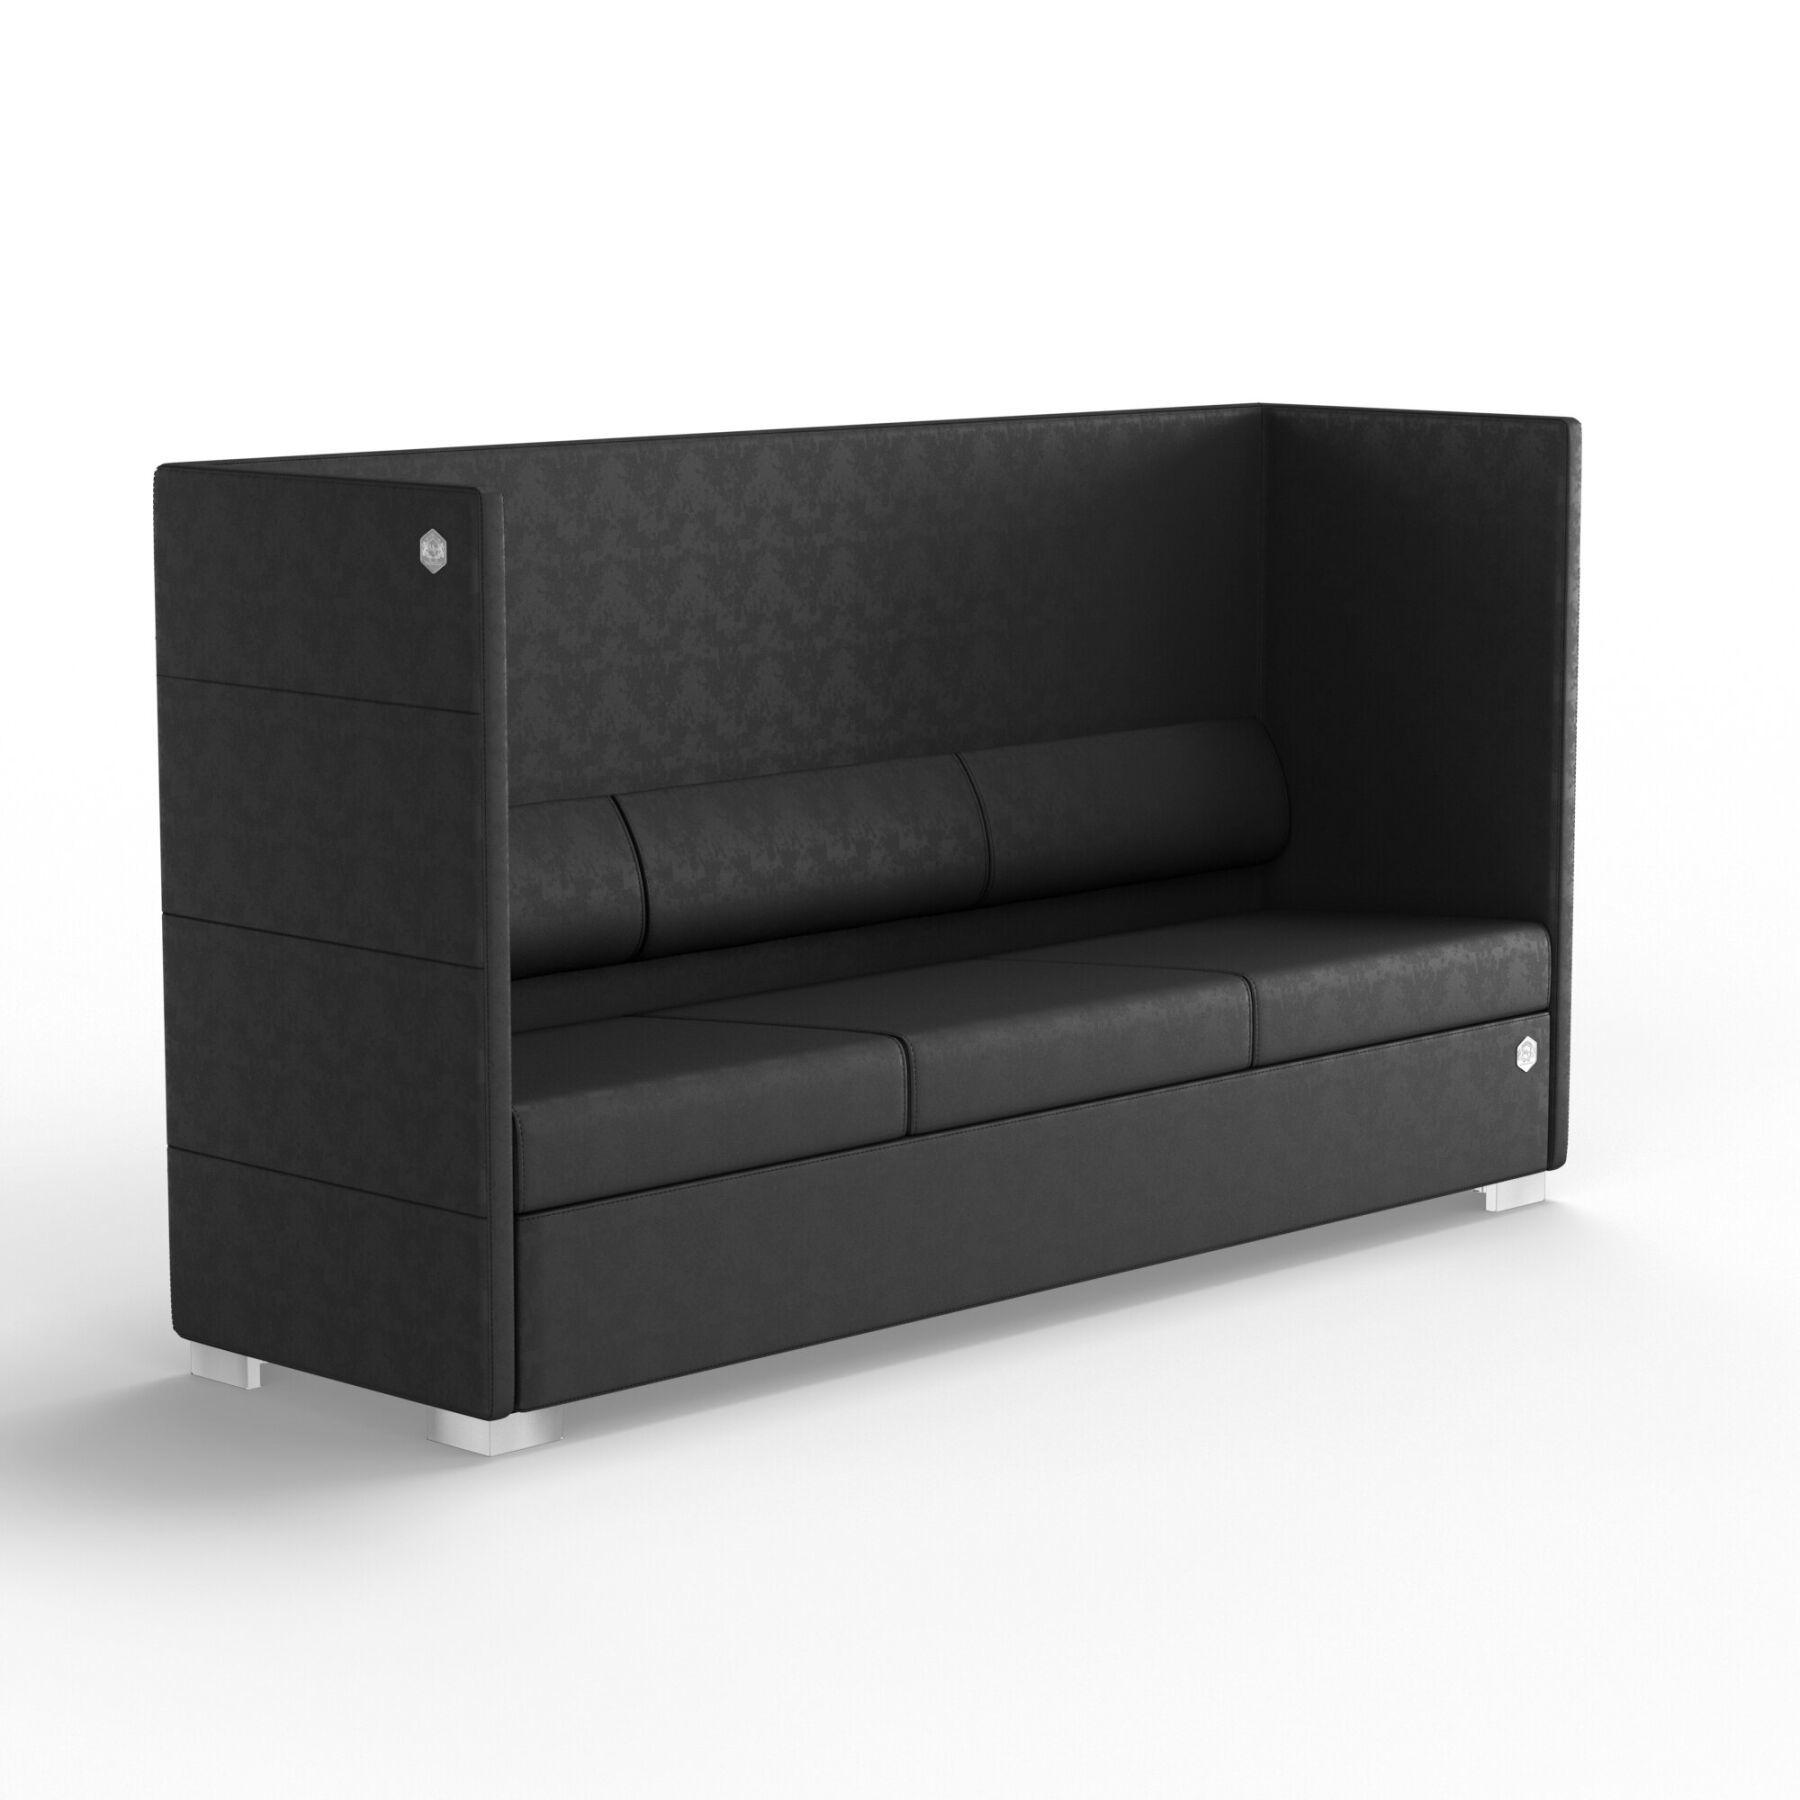 Трехместный диван KULIK SYSTEM PRIVATE Антара 3